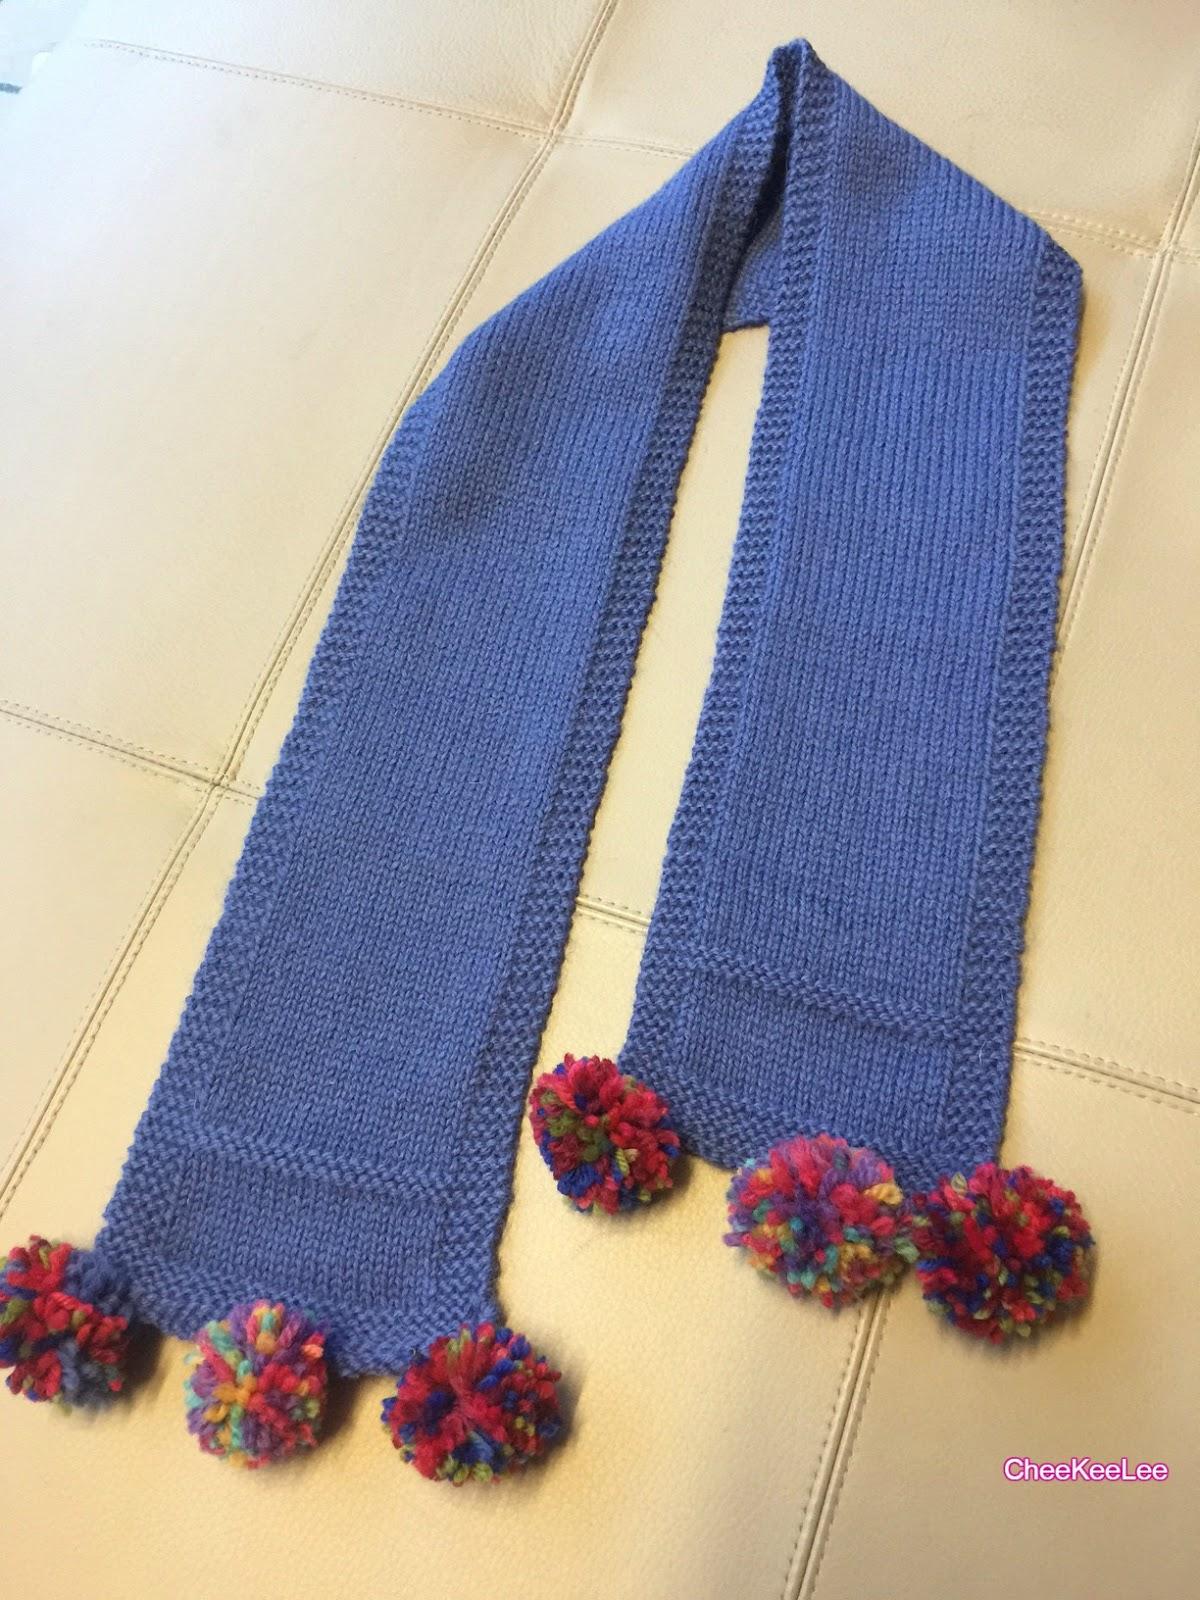 Knitting Pattern For Scarf With Pom Poms : CheeKeeLee: Pom Pom Scarf